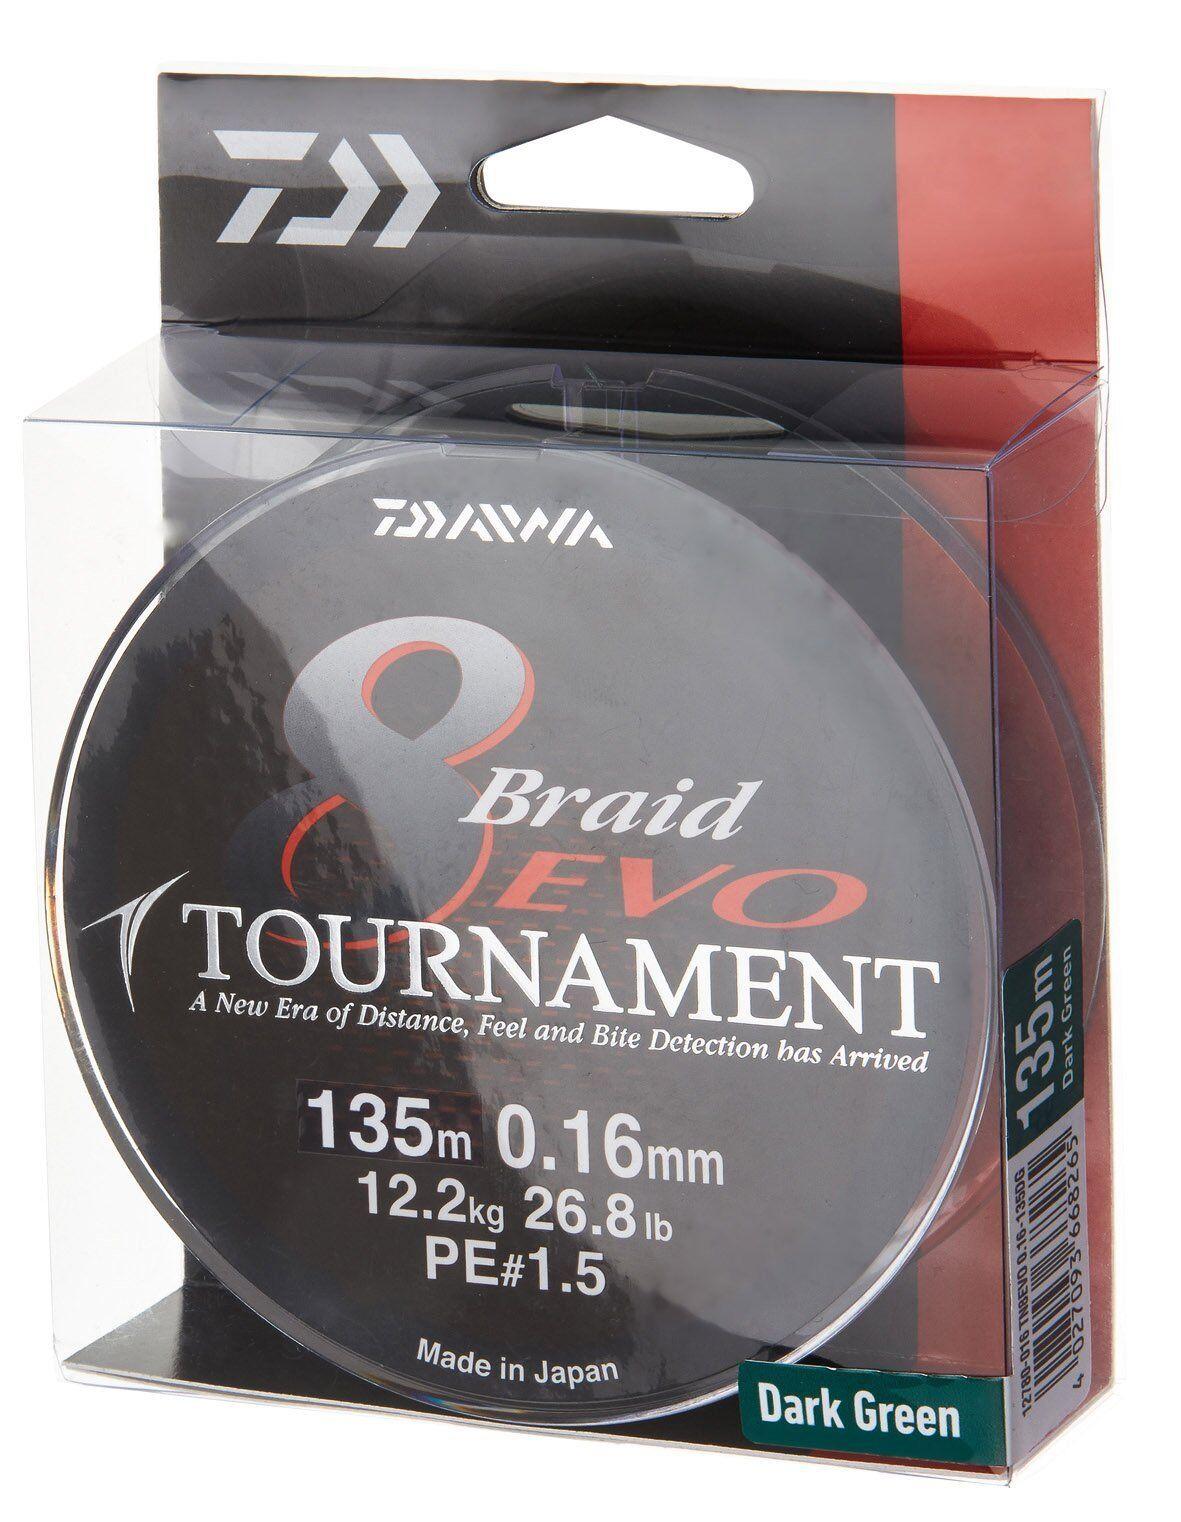 Daiwa Tournament 8 Braid Evo, dunkelgreen, 135m - rund geflochtene Angelschnur